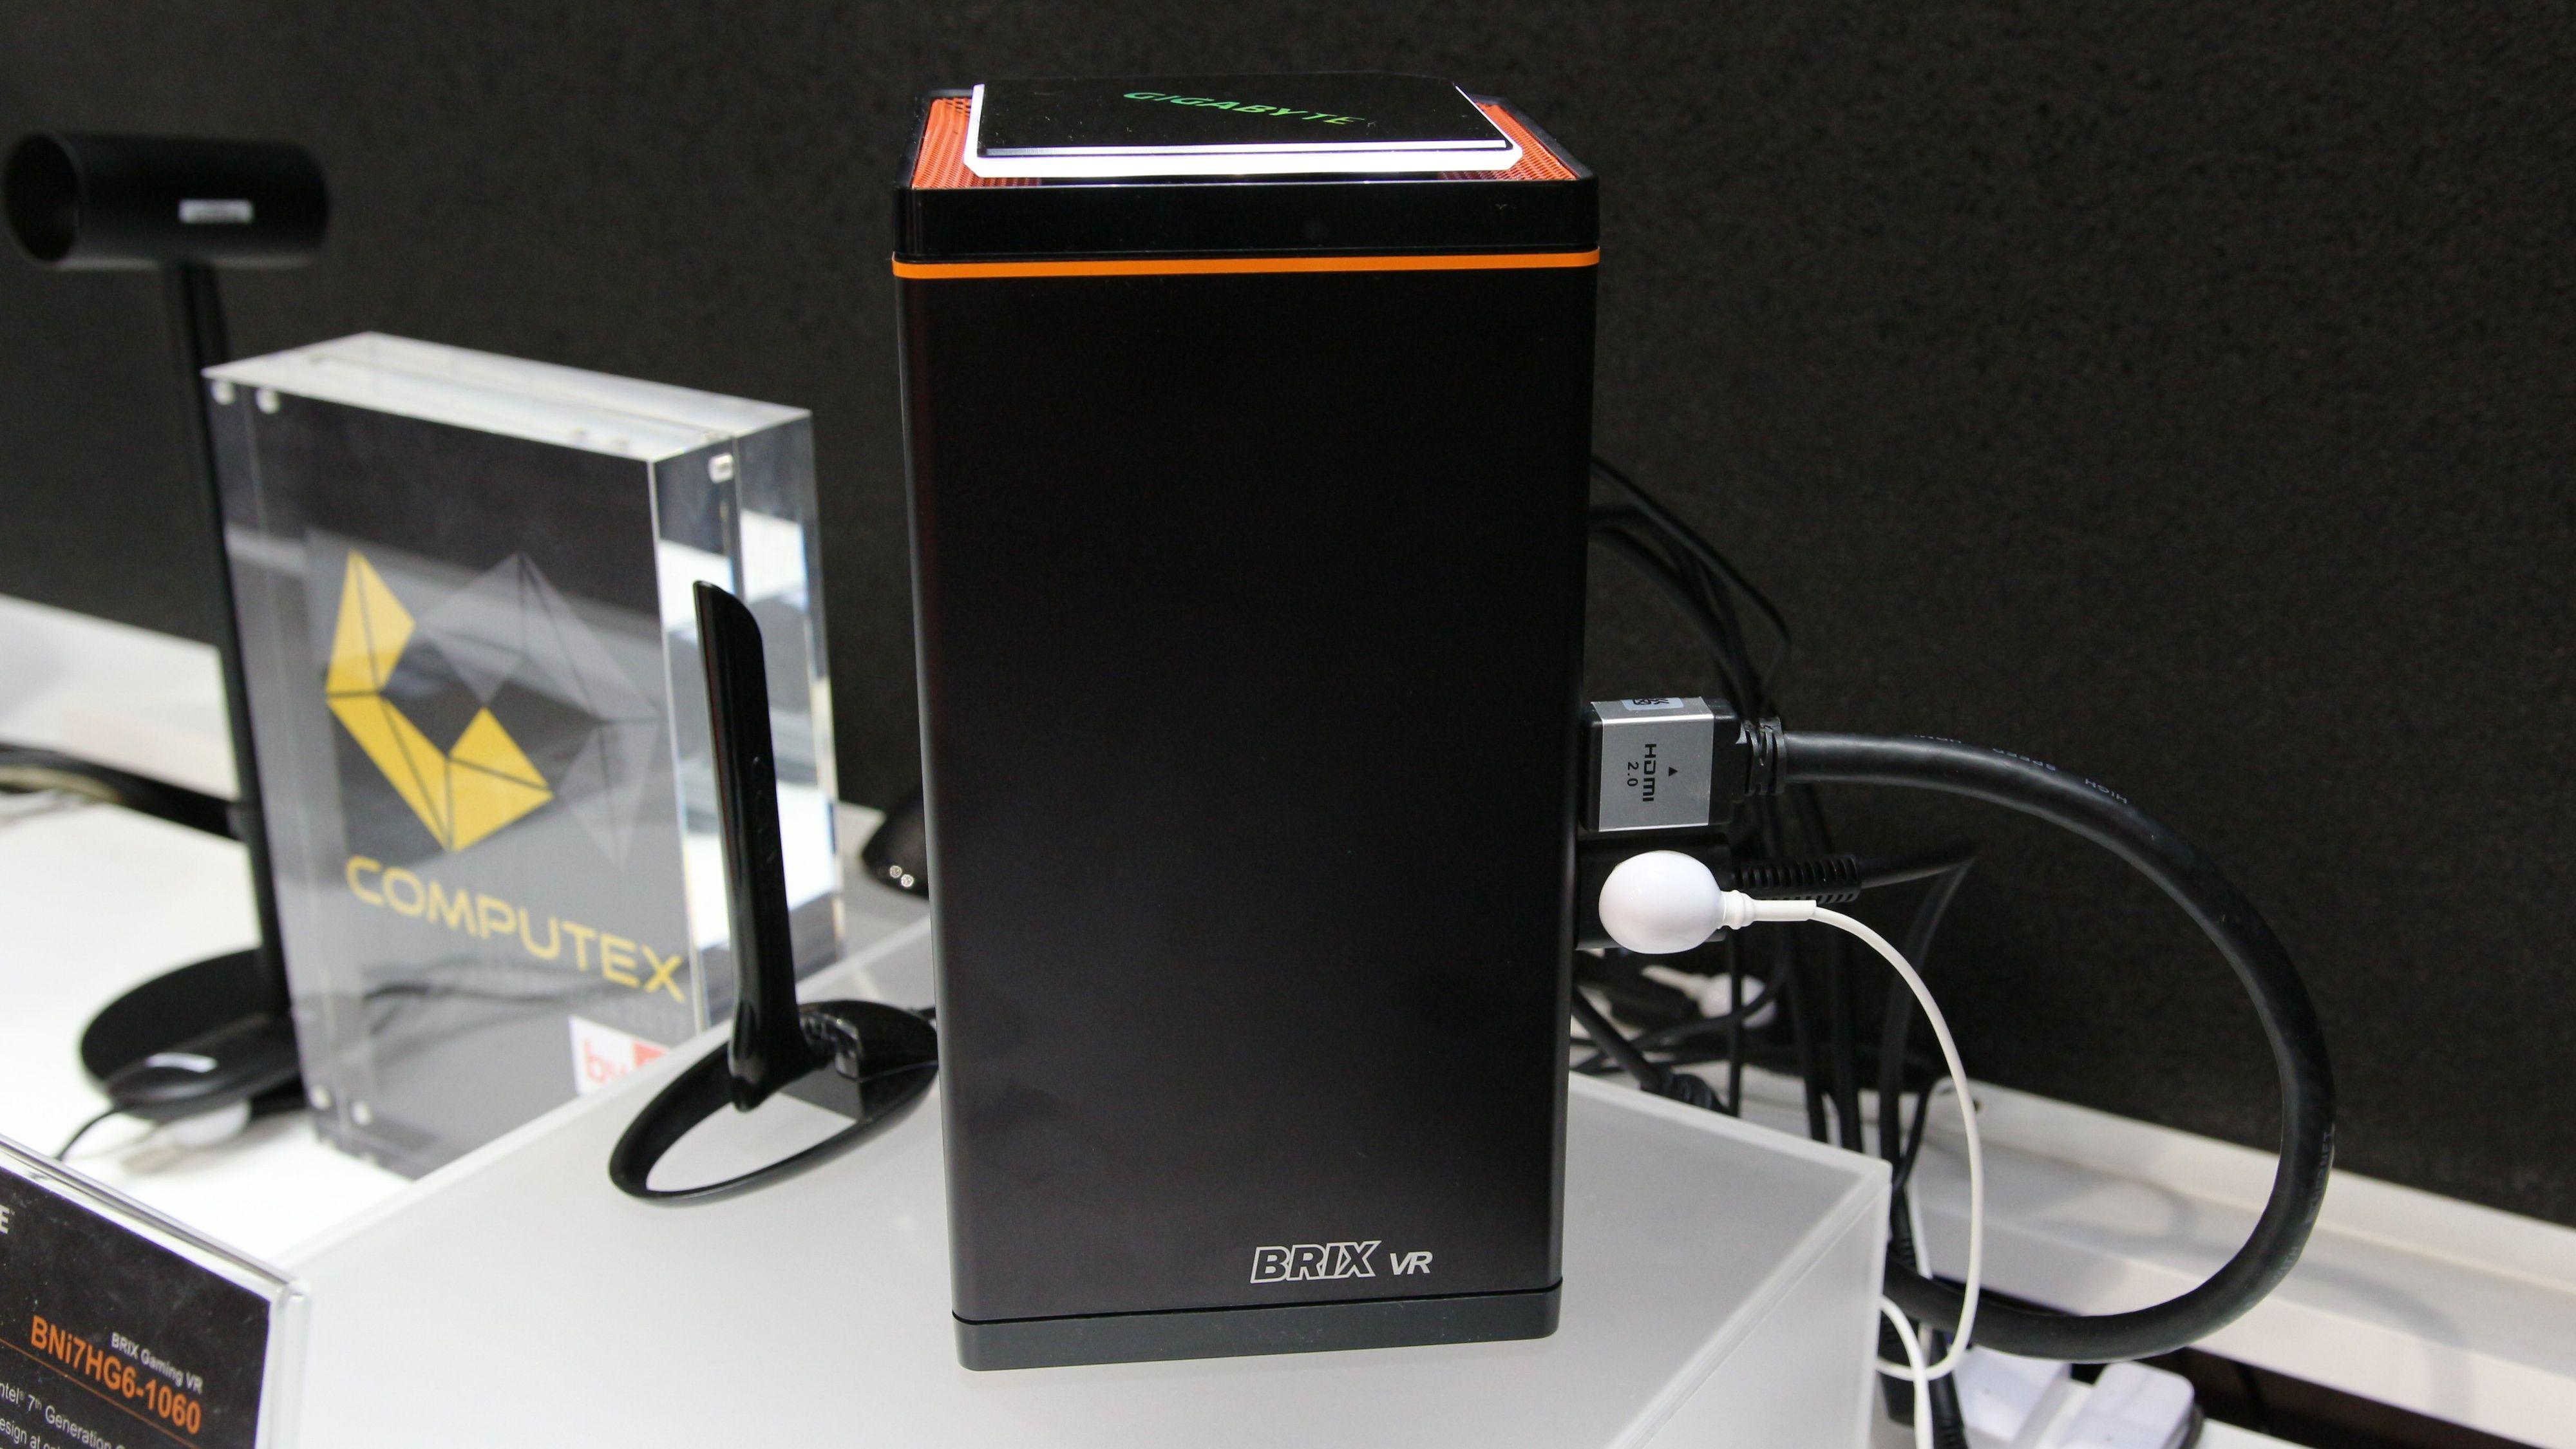 Denne lille boksen er kraftig nok for VR-spilling